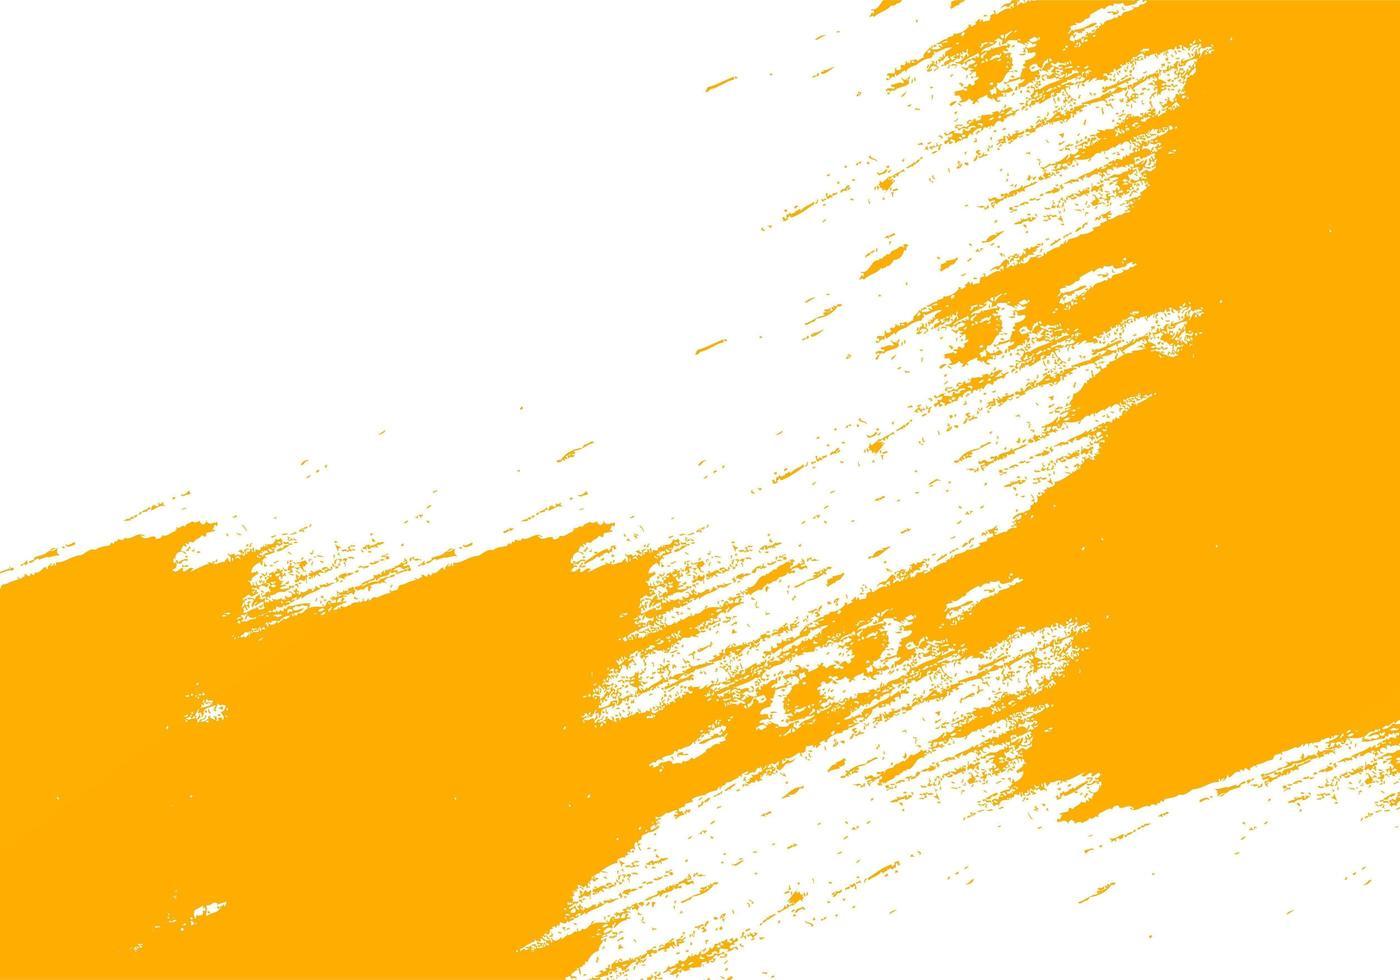 texture de coup de pinceau orange grunge allant vers le centre vecteur